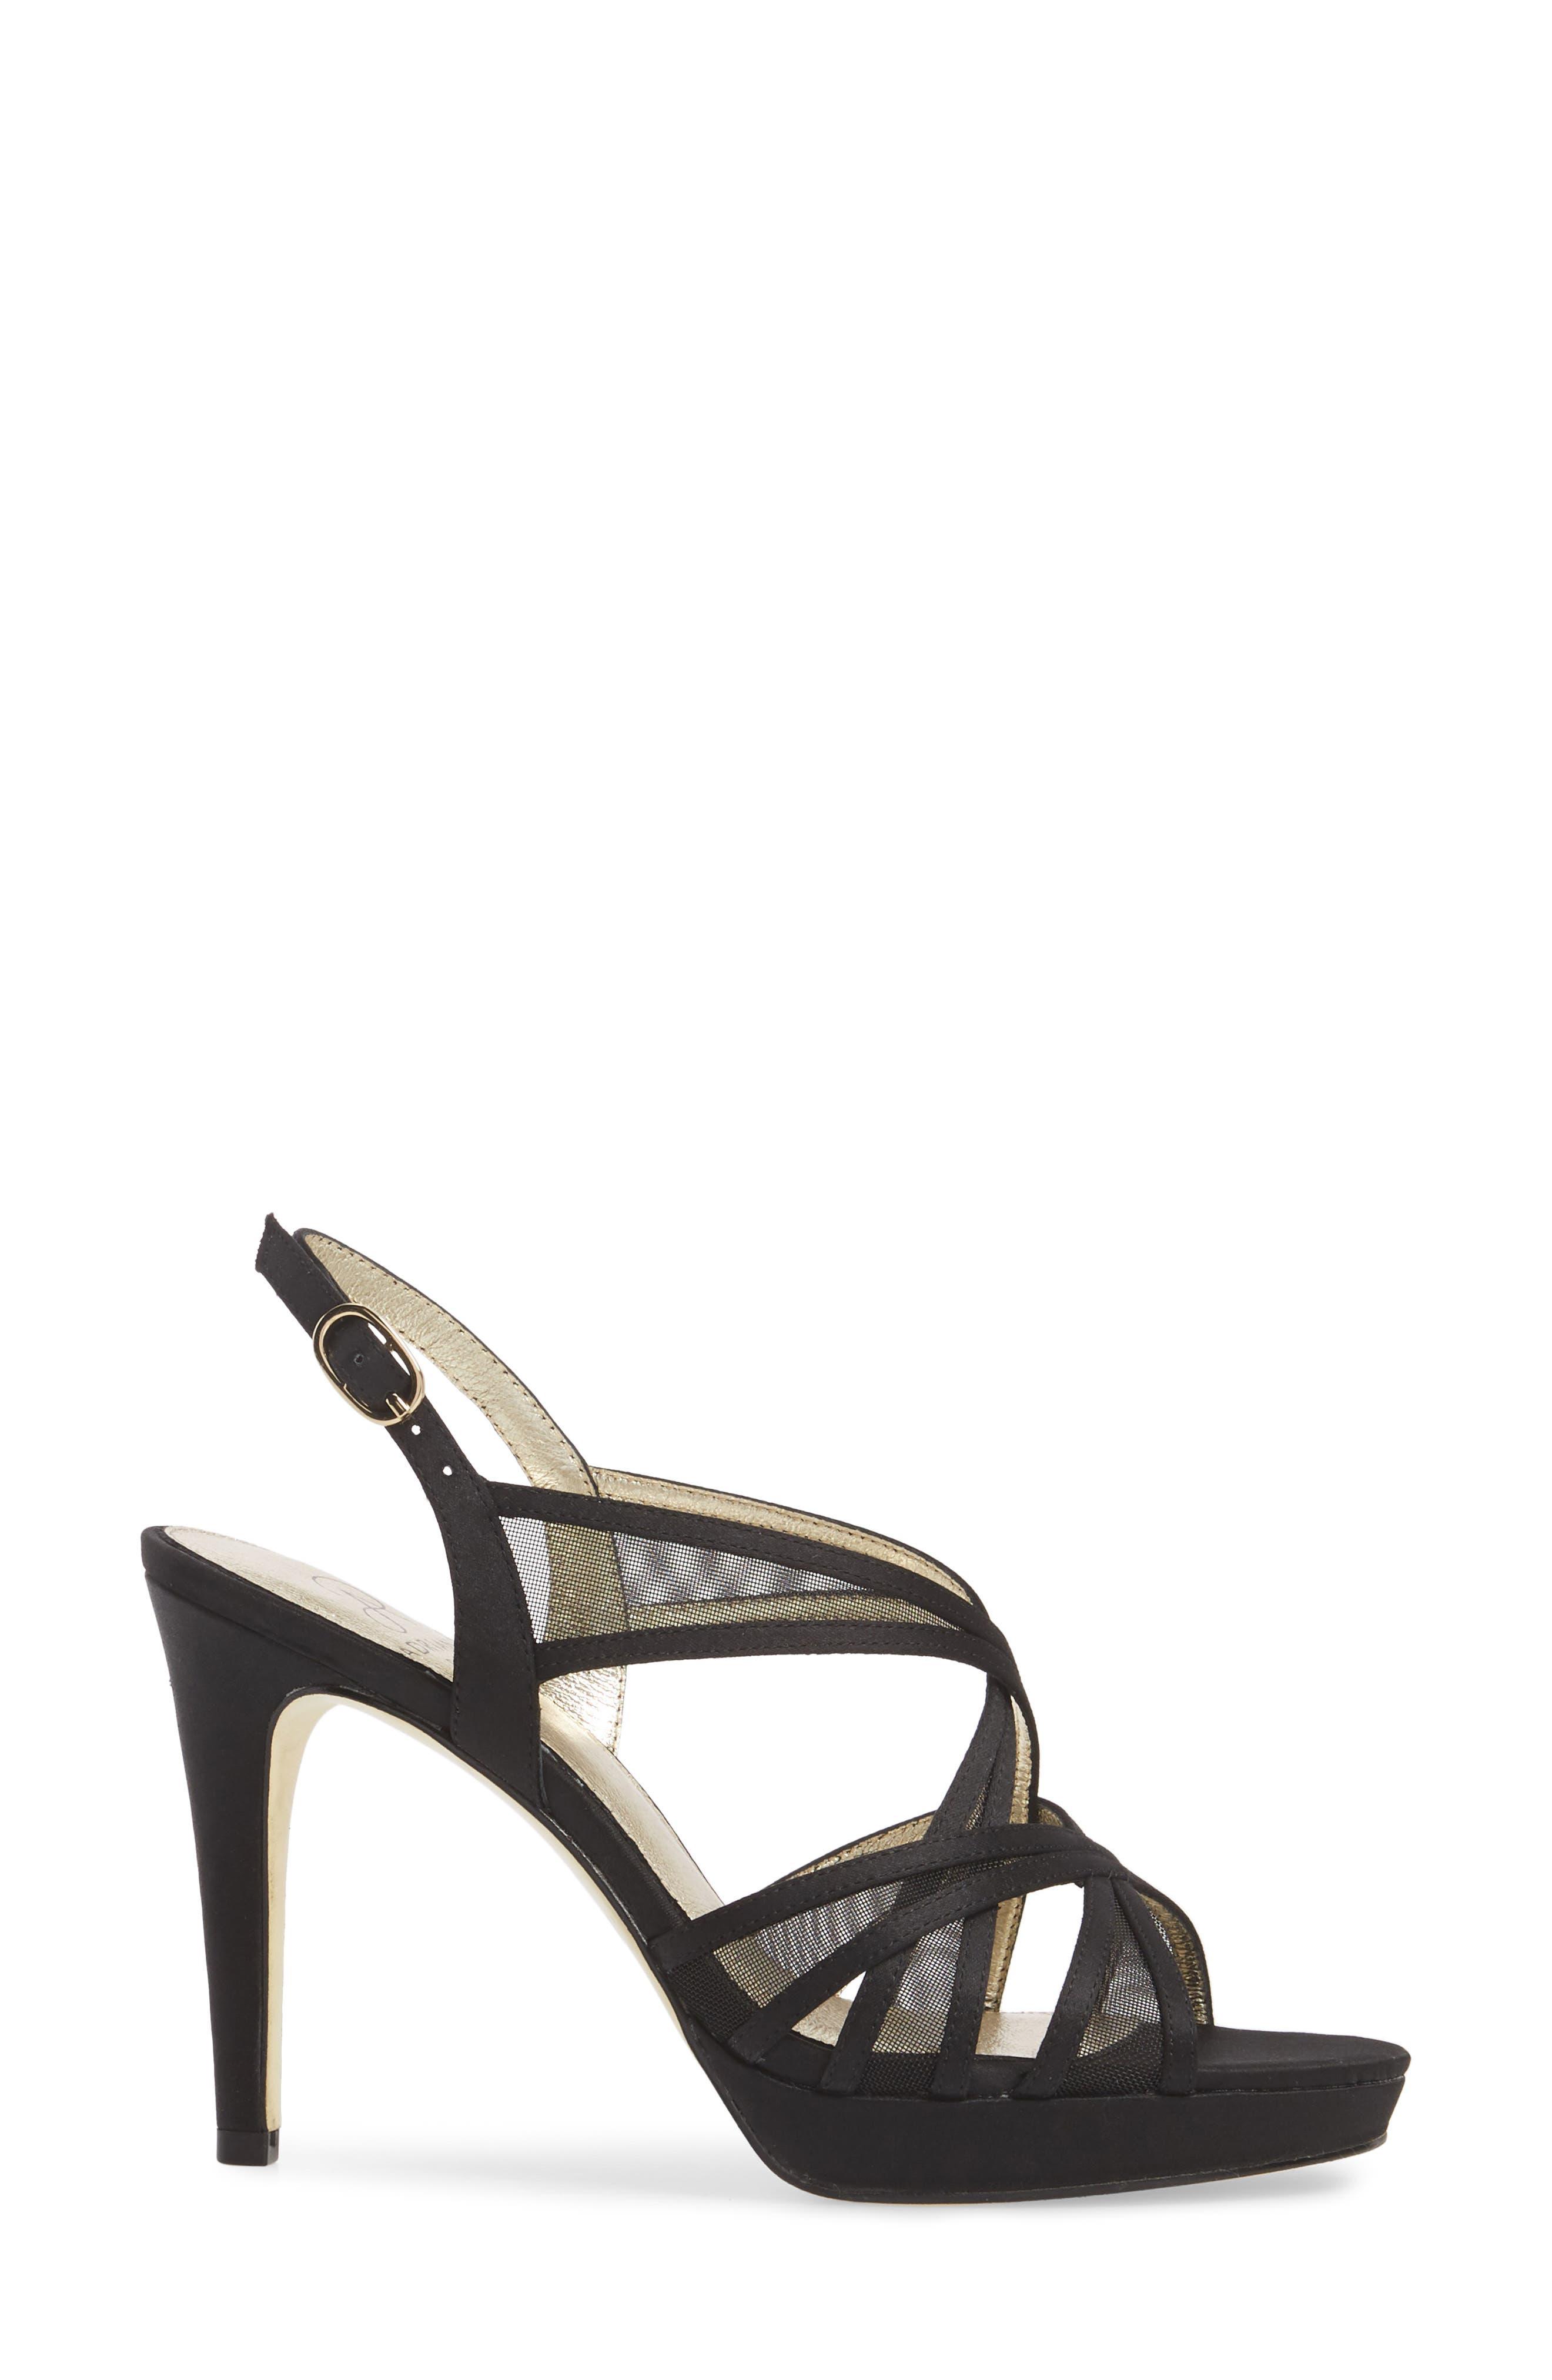 Adri Platform Sandal,                             Alternate thumbnail 3, color,                             BLACK SATIN